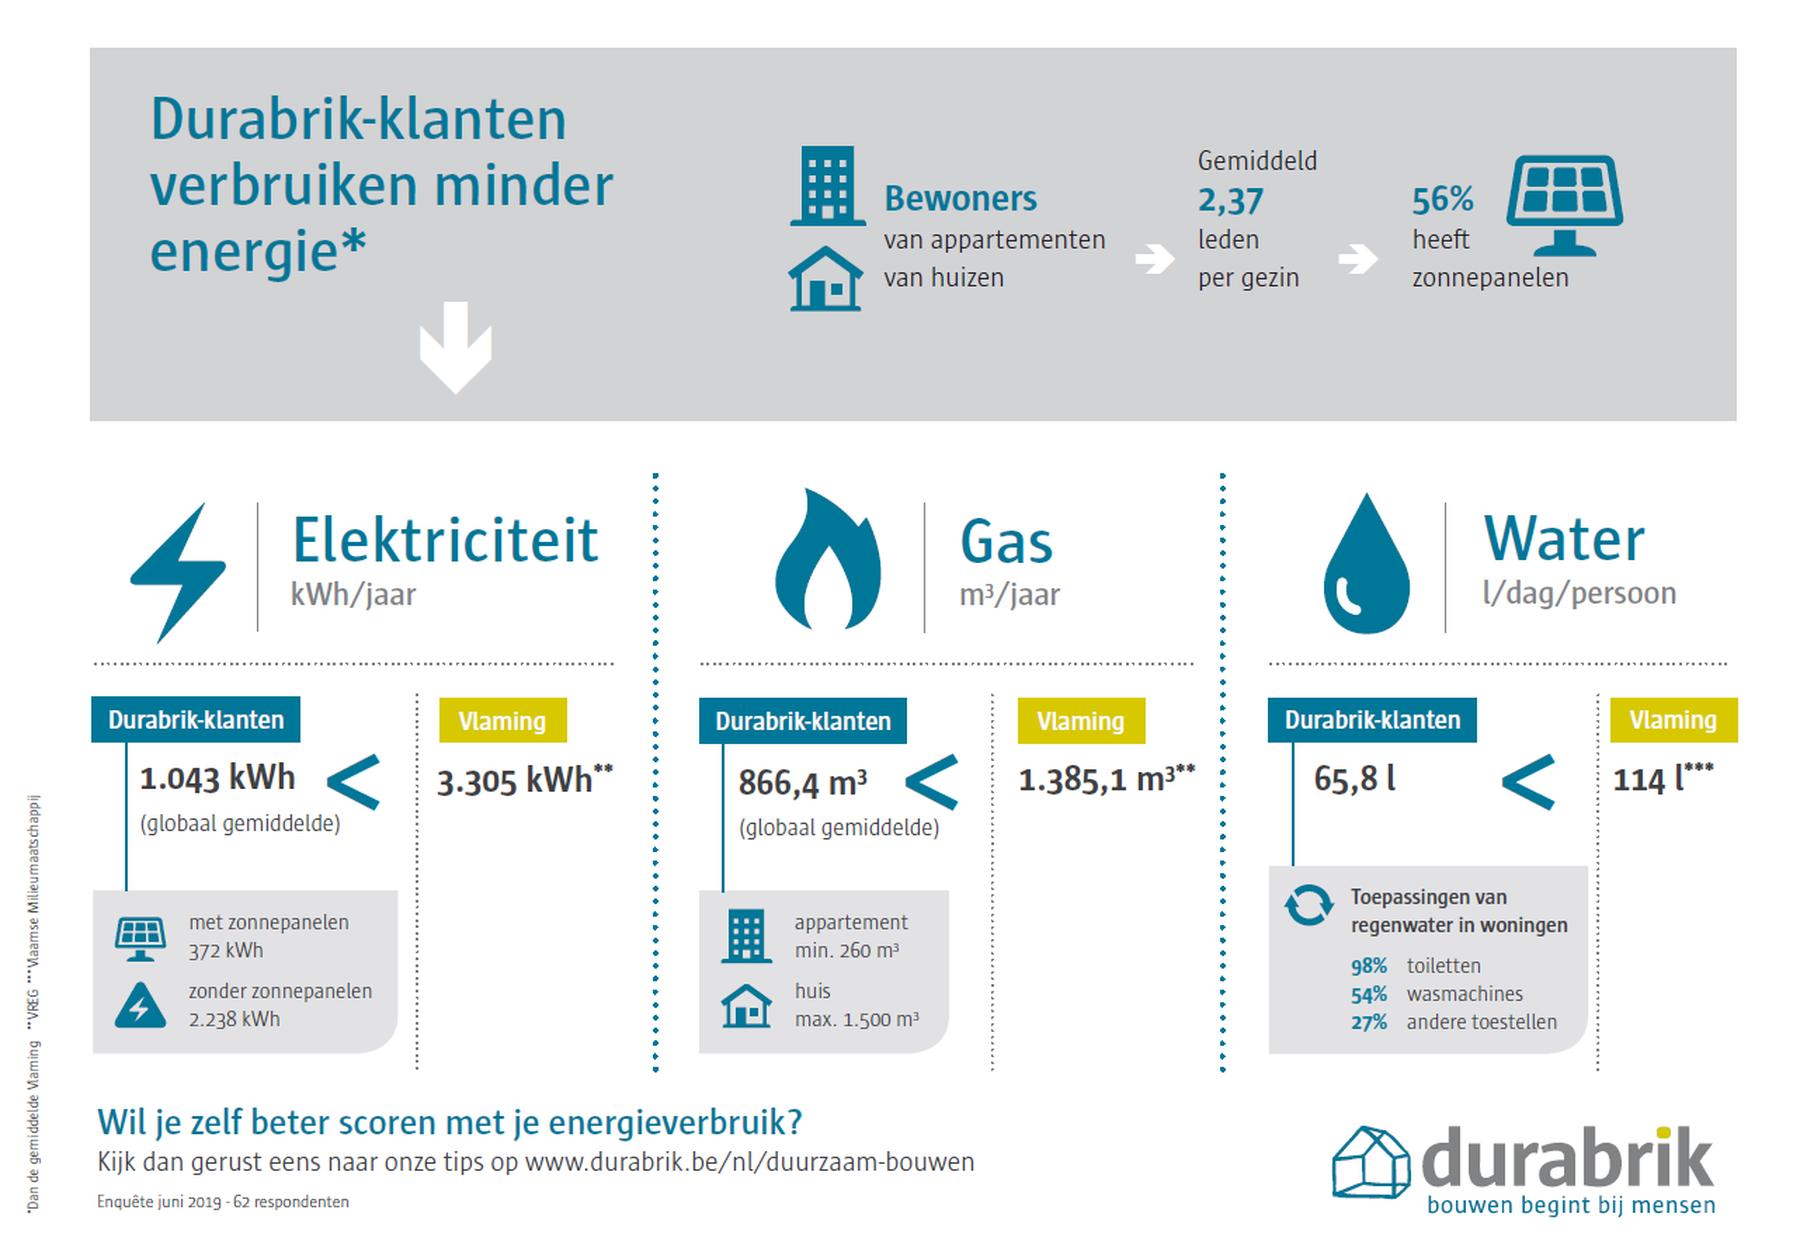 Durabrik-klanten verbruiken minder energie